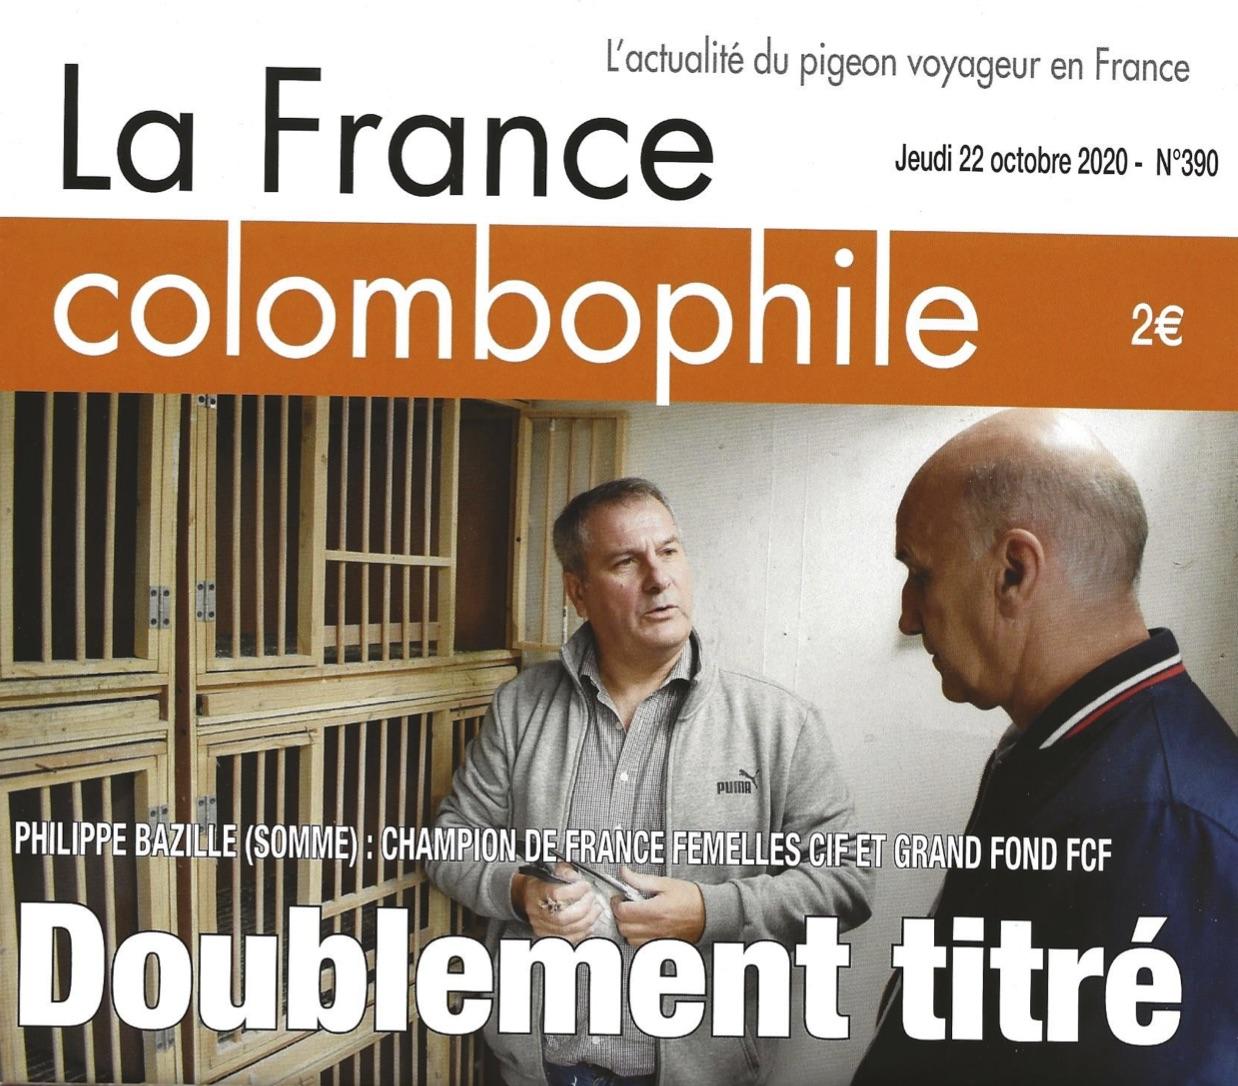 Numéro 390 La france colombophile avec Philippe Bazille